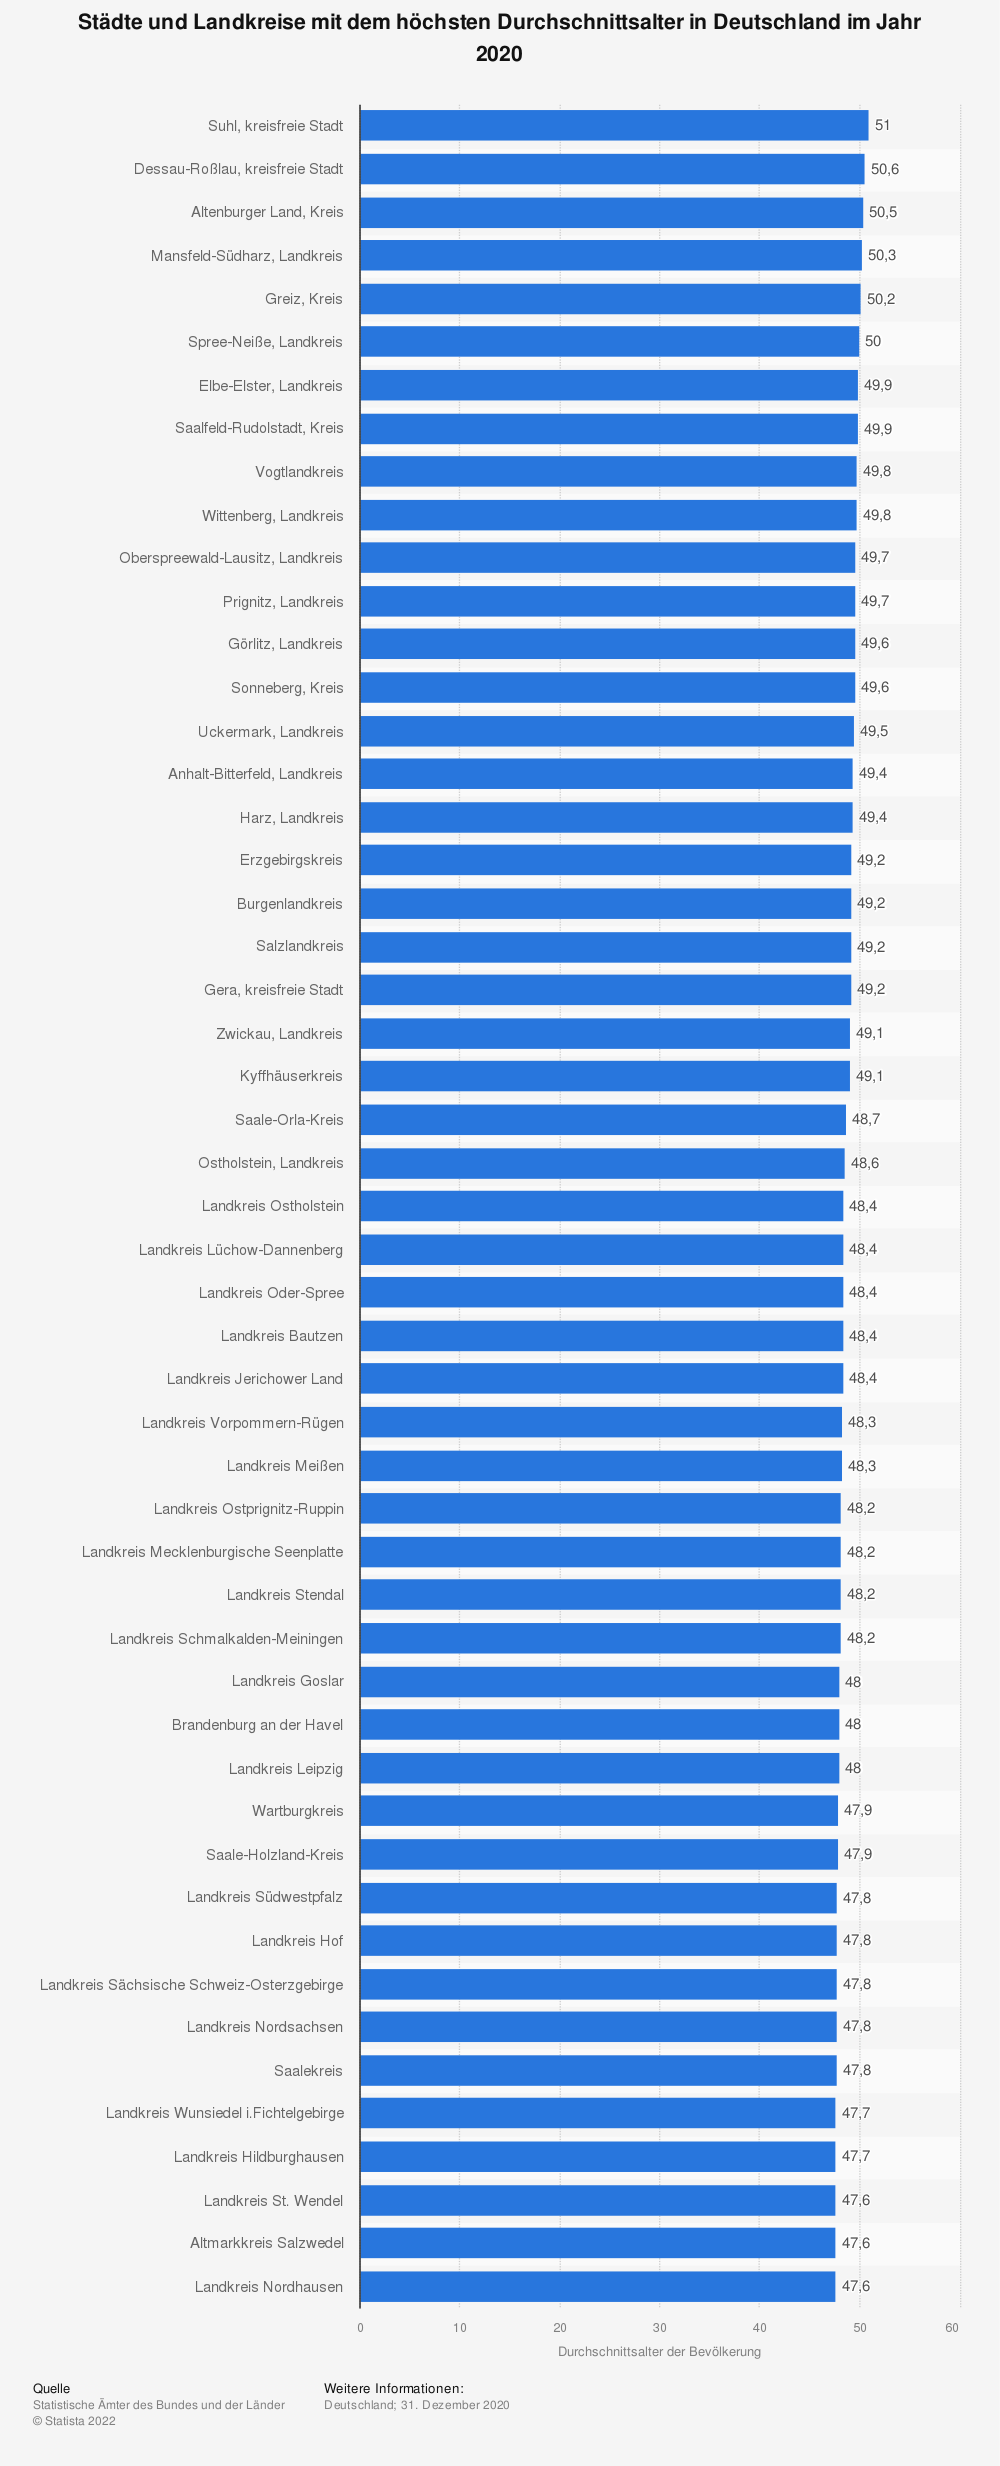 Statistik: Städte und Landkreise mit dem höchsten Durchschnittsalter in Deutschland im Jahr 2019 | Statista